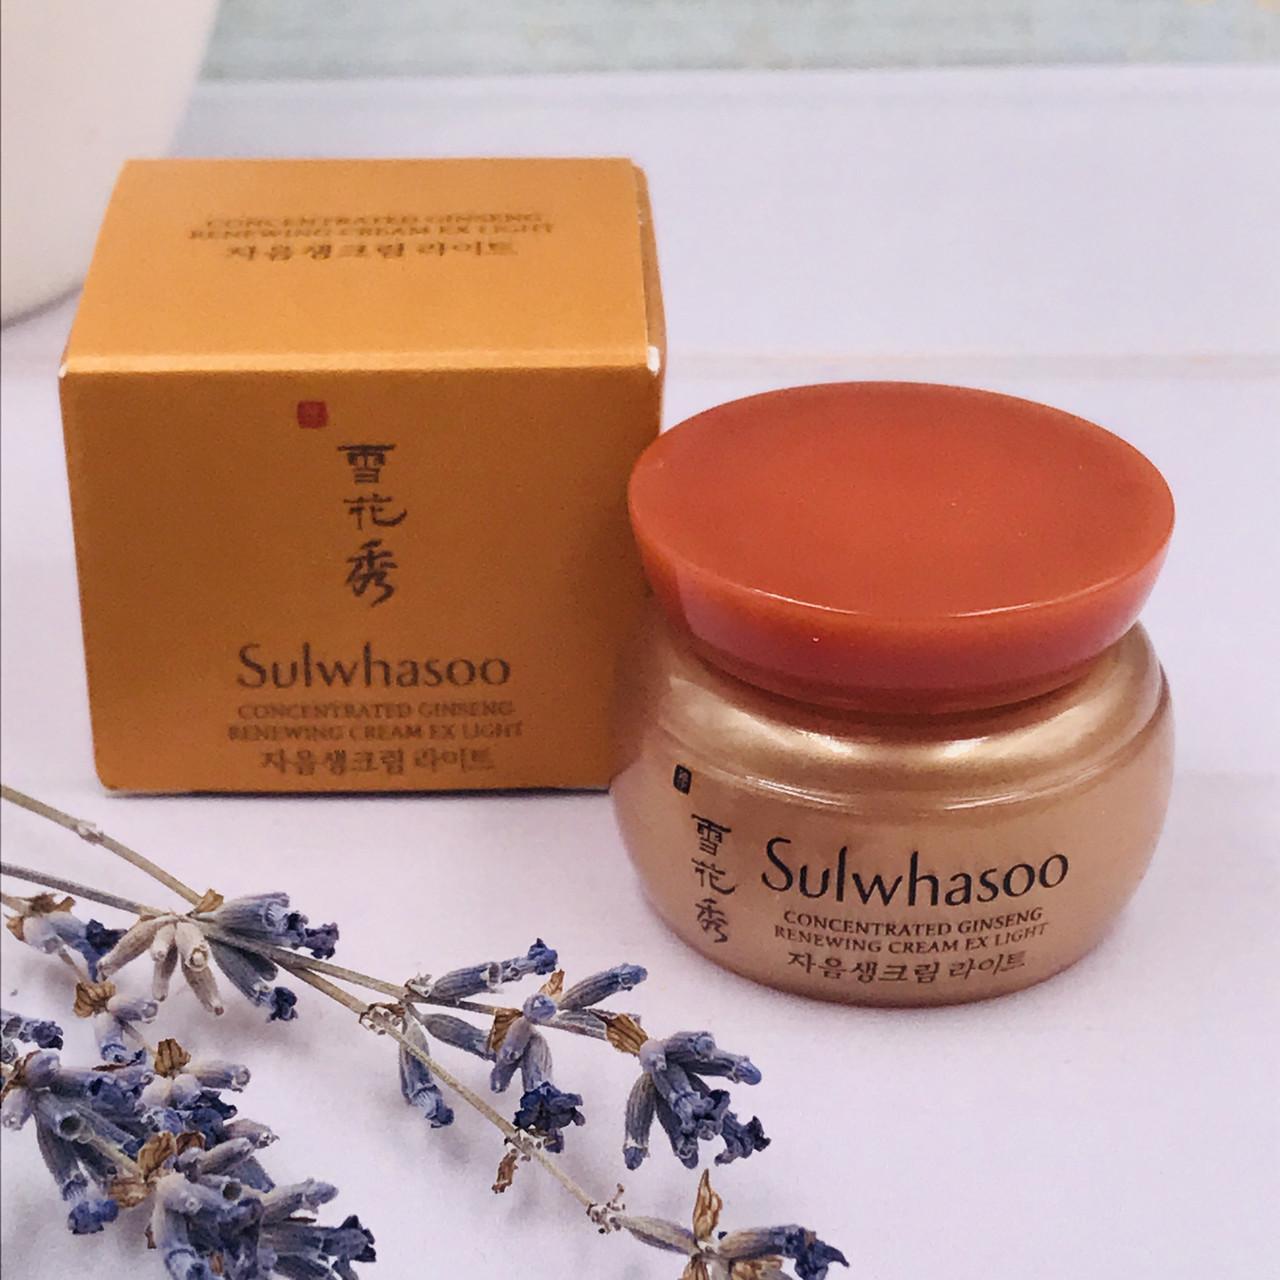 Антивозрастной крем Sulwhasoo с женьшенем Concentrated Ginseng Renewing Cream EX Light